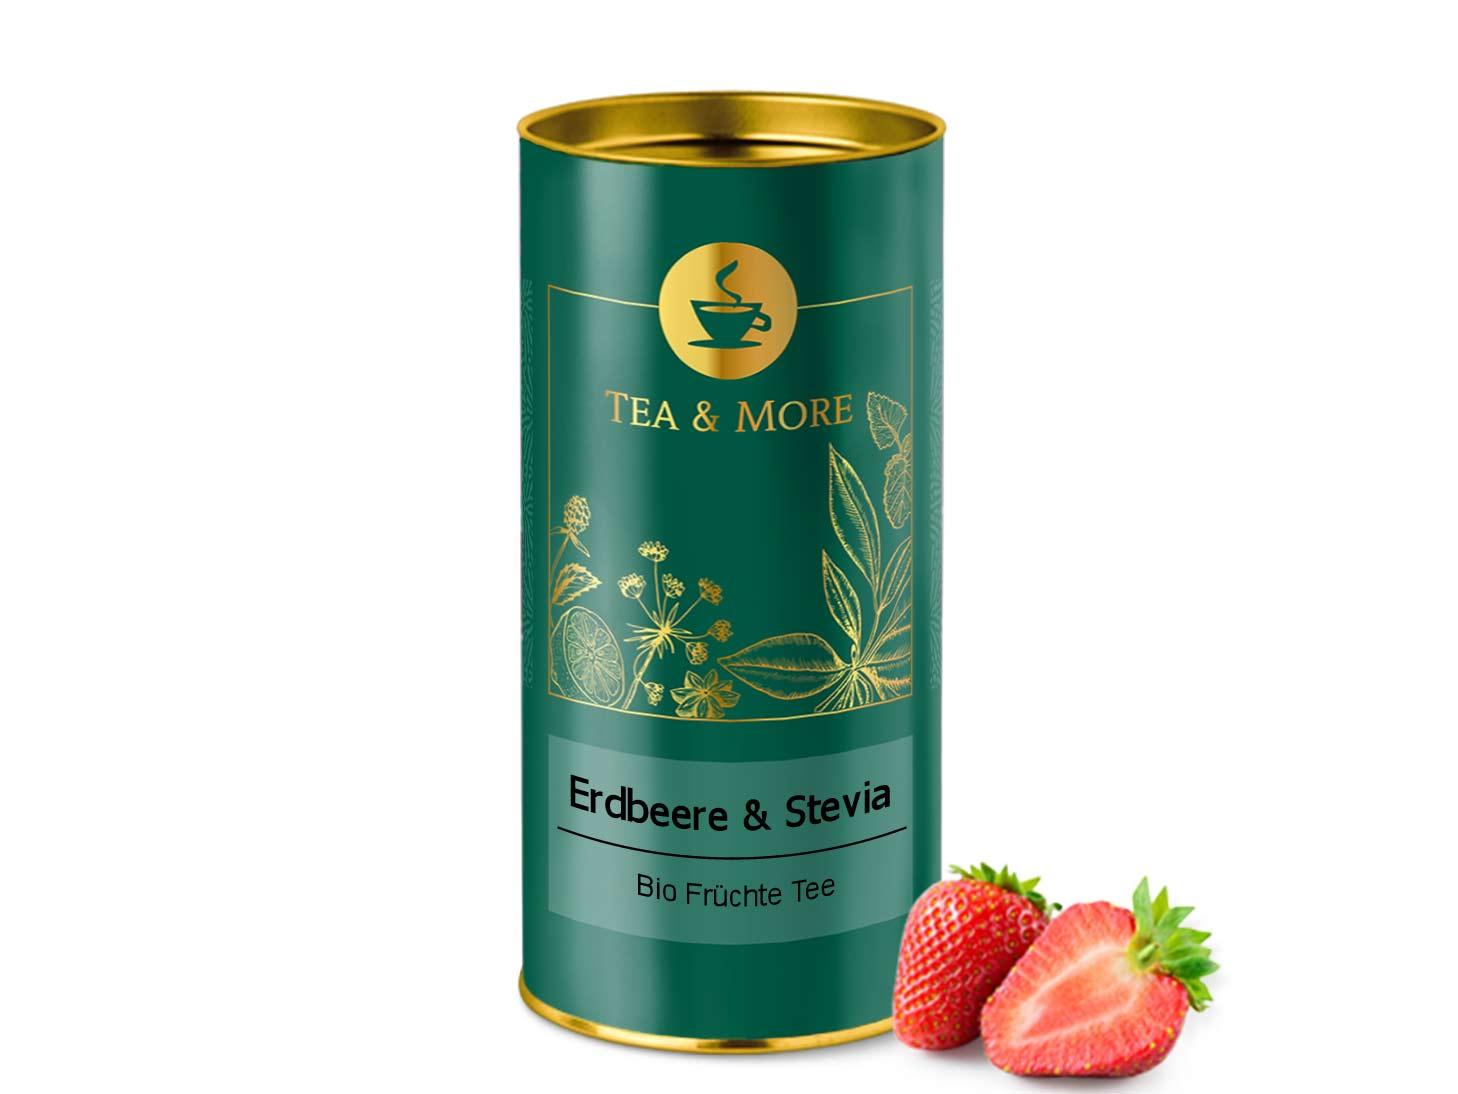 Erdbeer & Stevia (Bio)